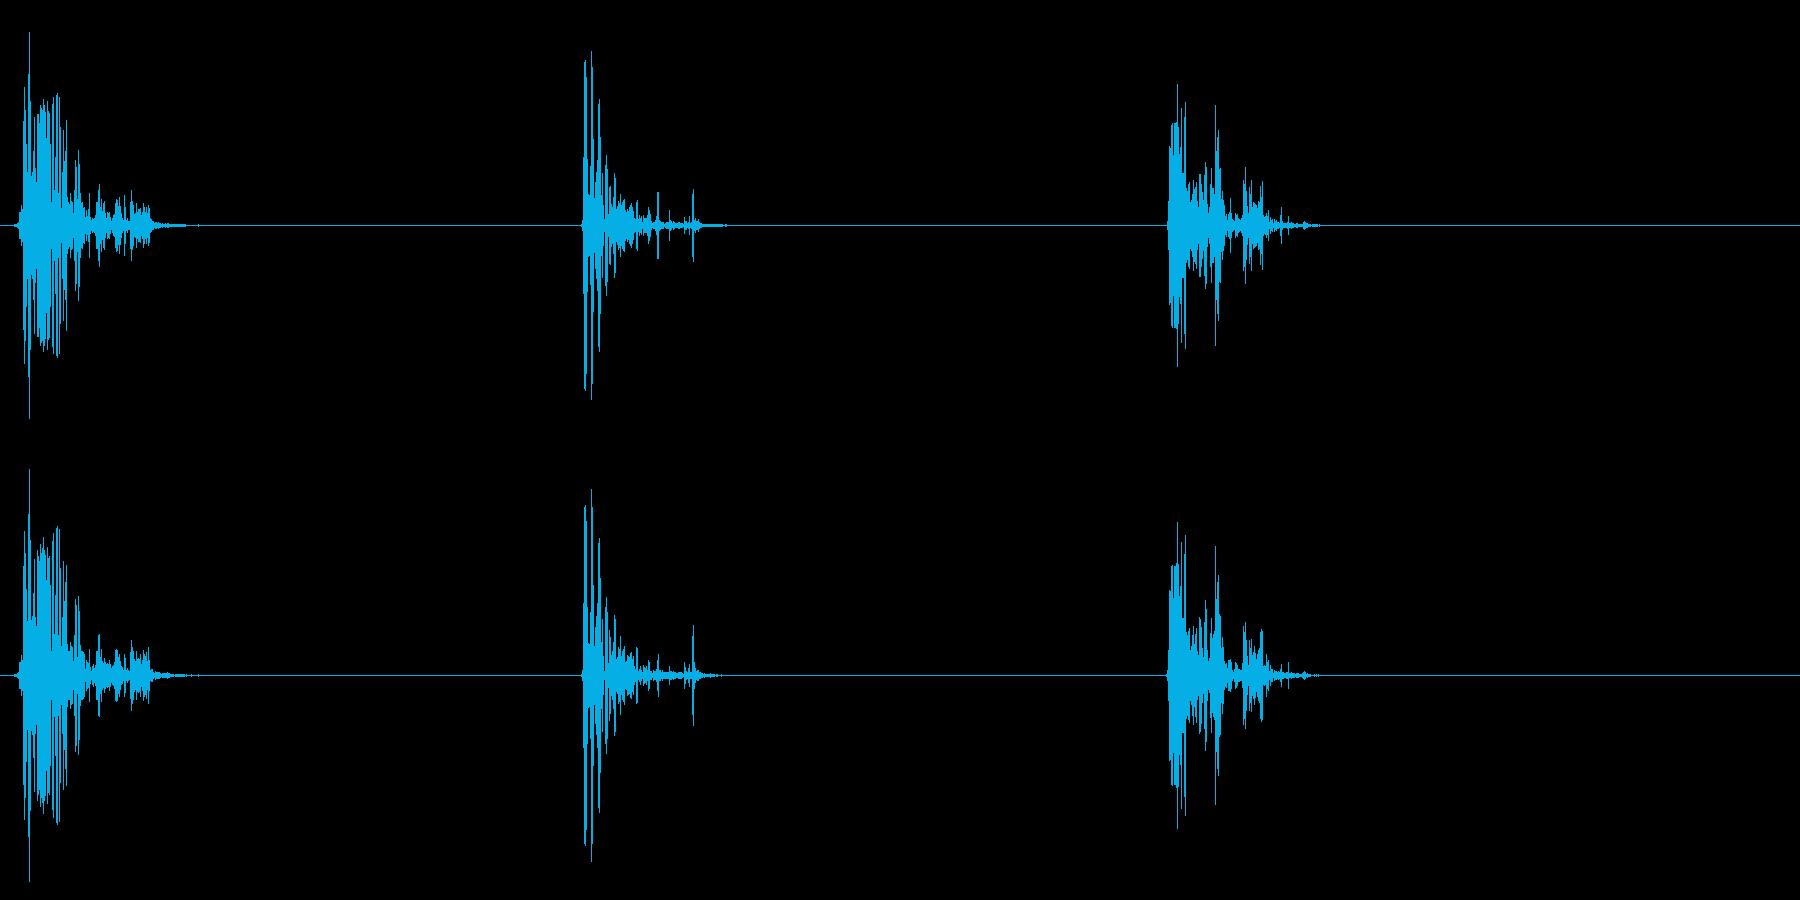 [生録音]ゴクゴク飲み込む音05(3回)の再生済みの波形